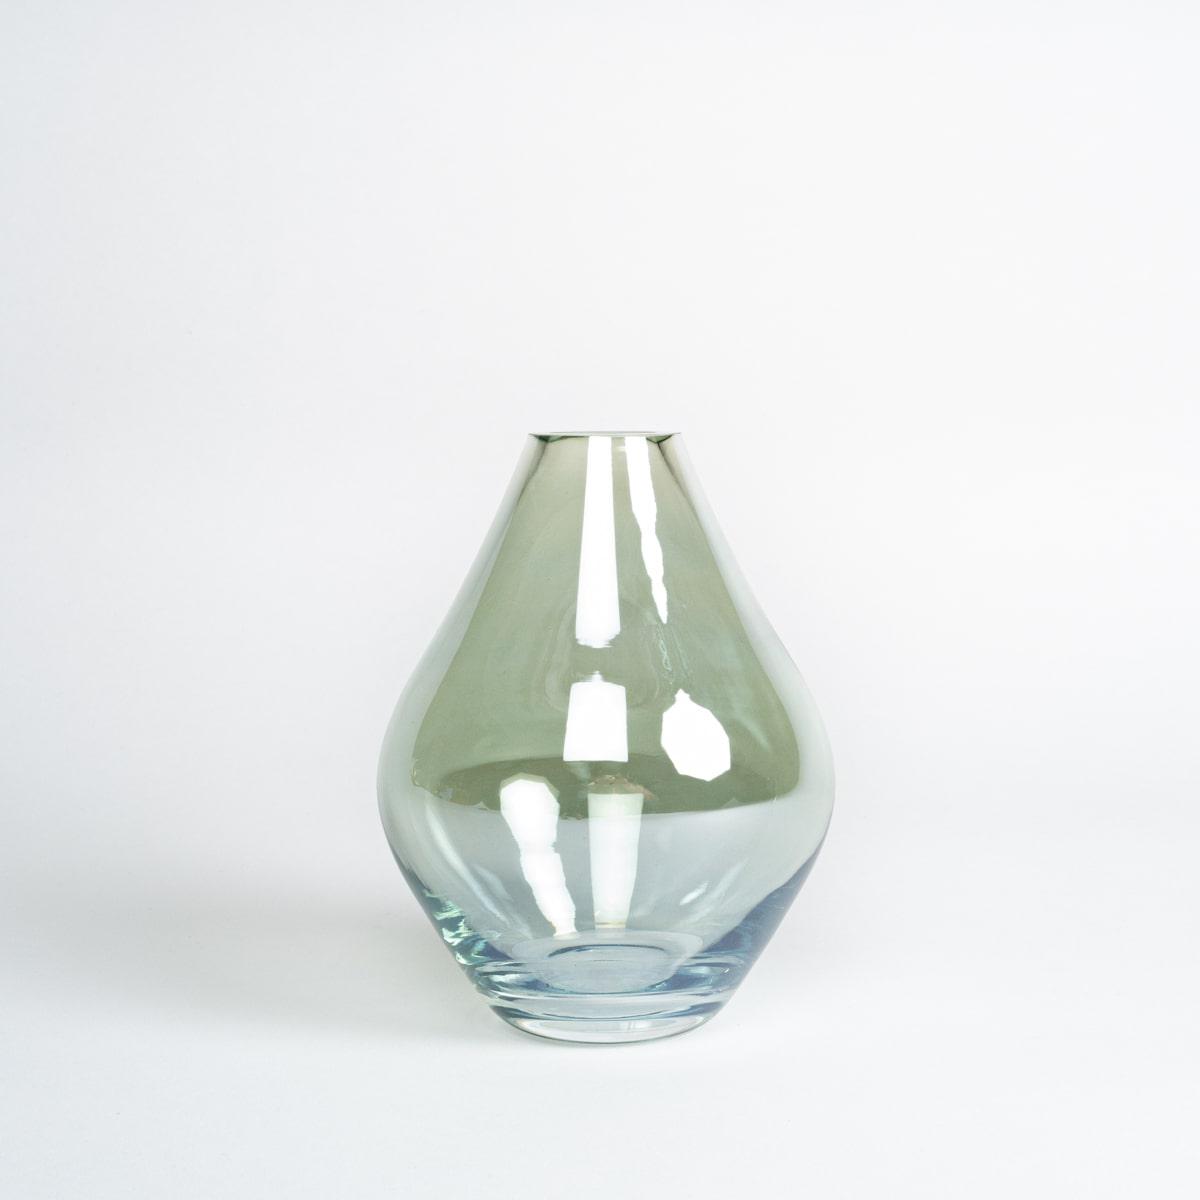 Bloom Flower Delivery | Green Glass Bud Vase